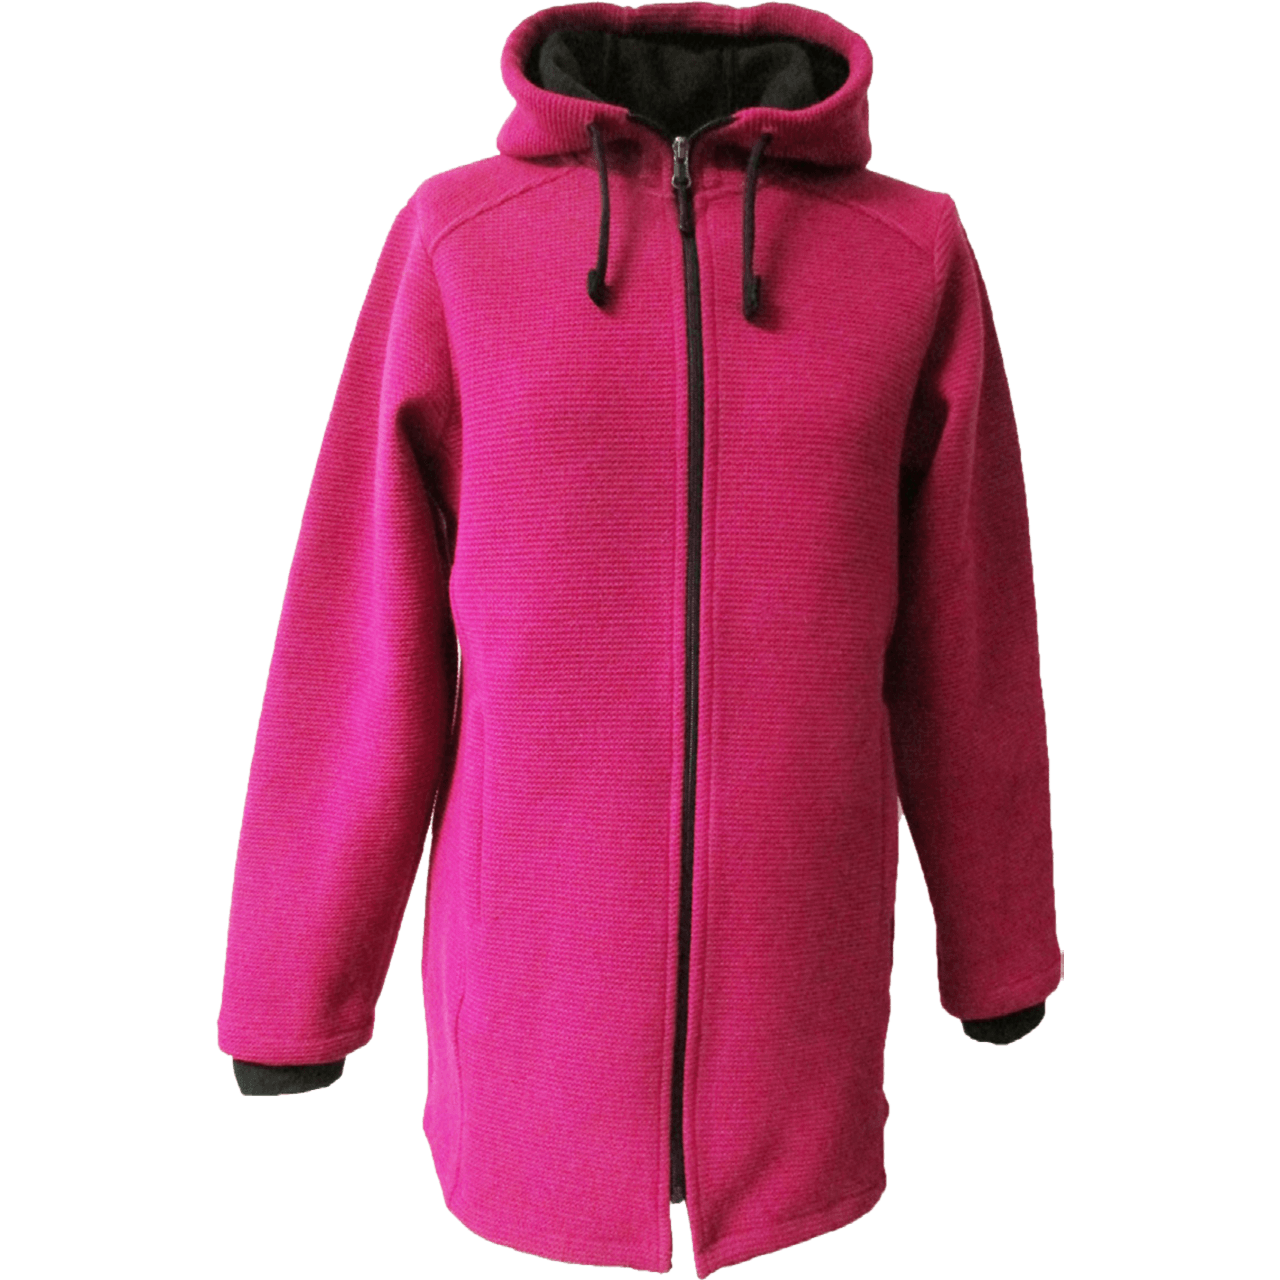 giacca-donna-343801-alp1964